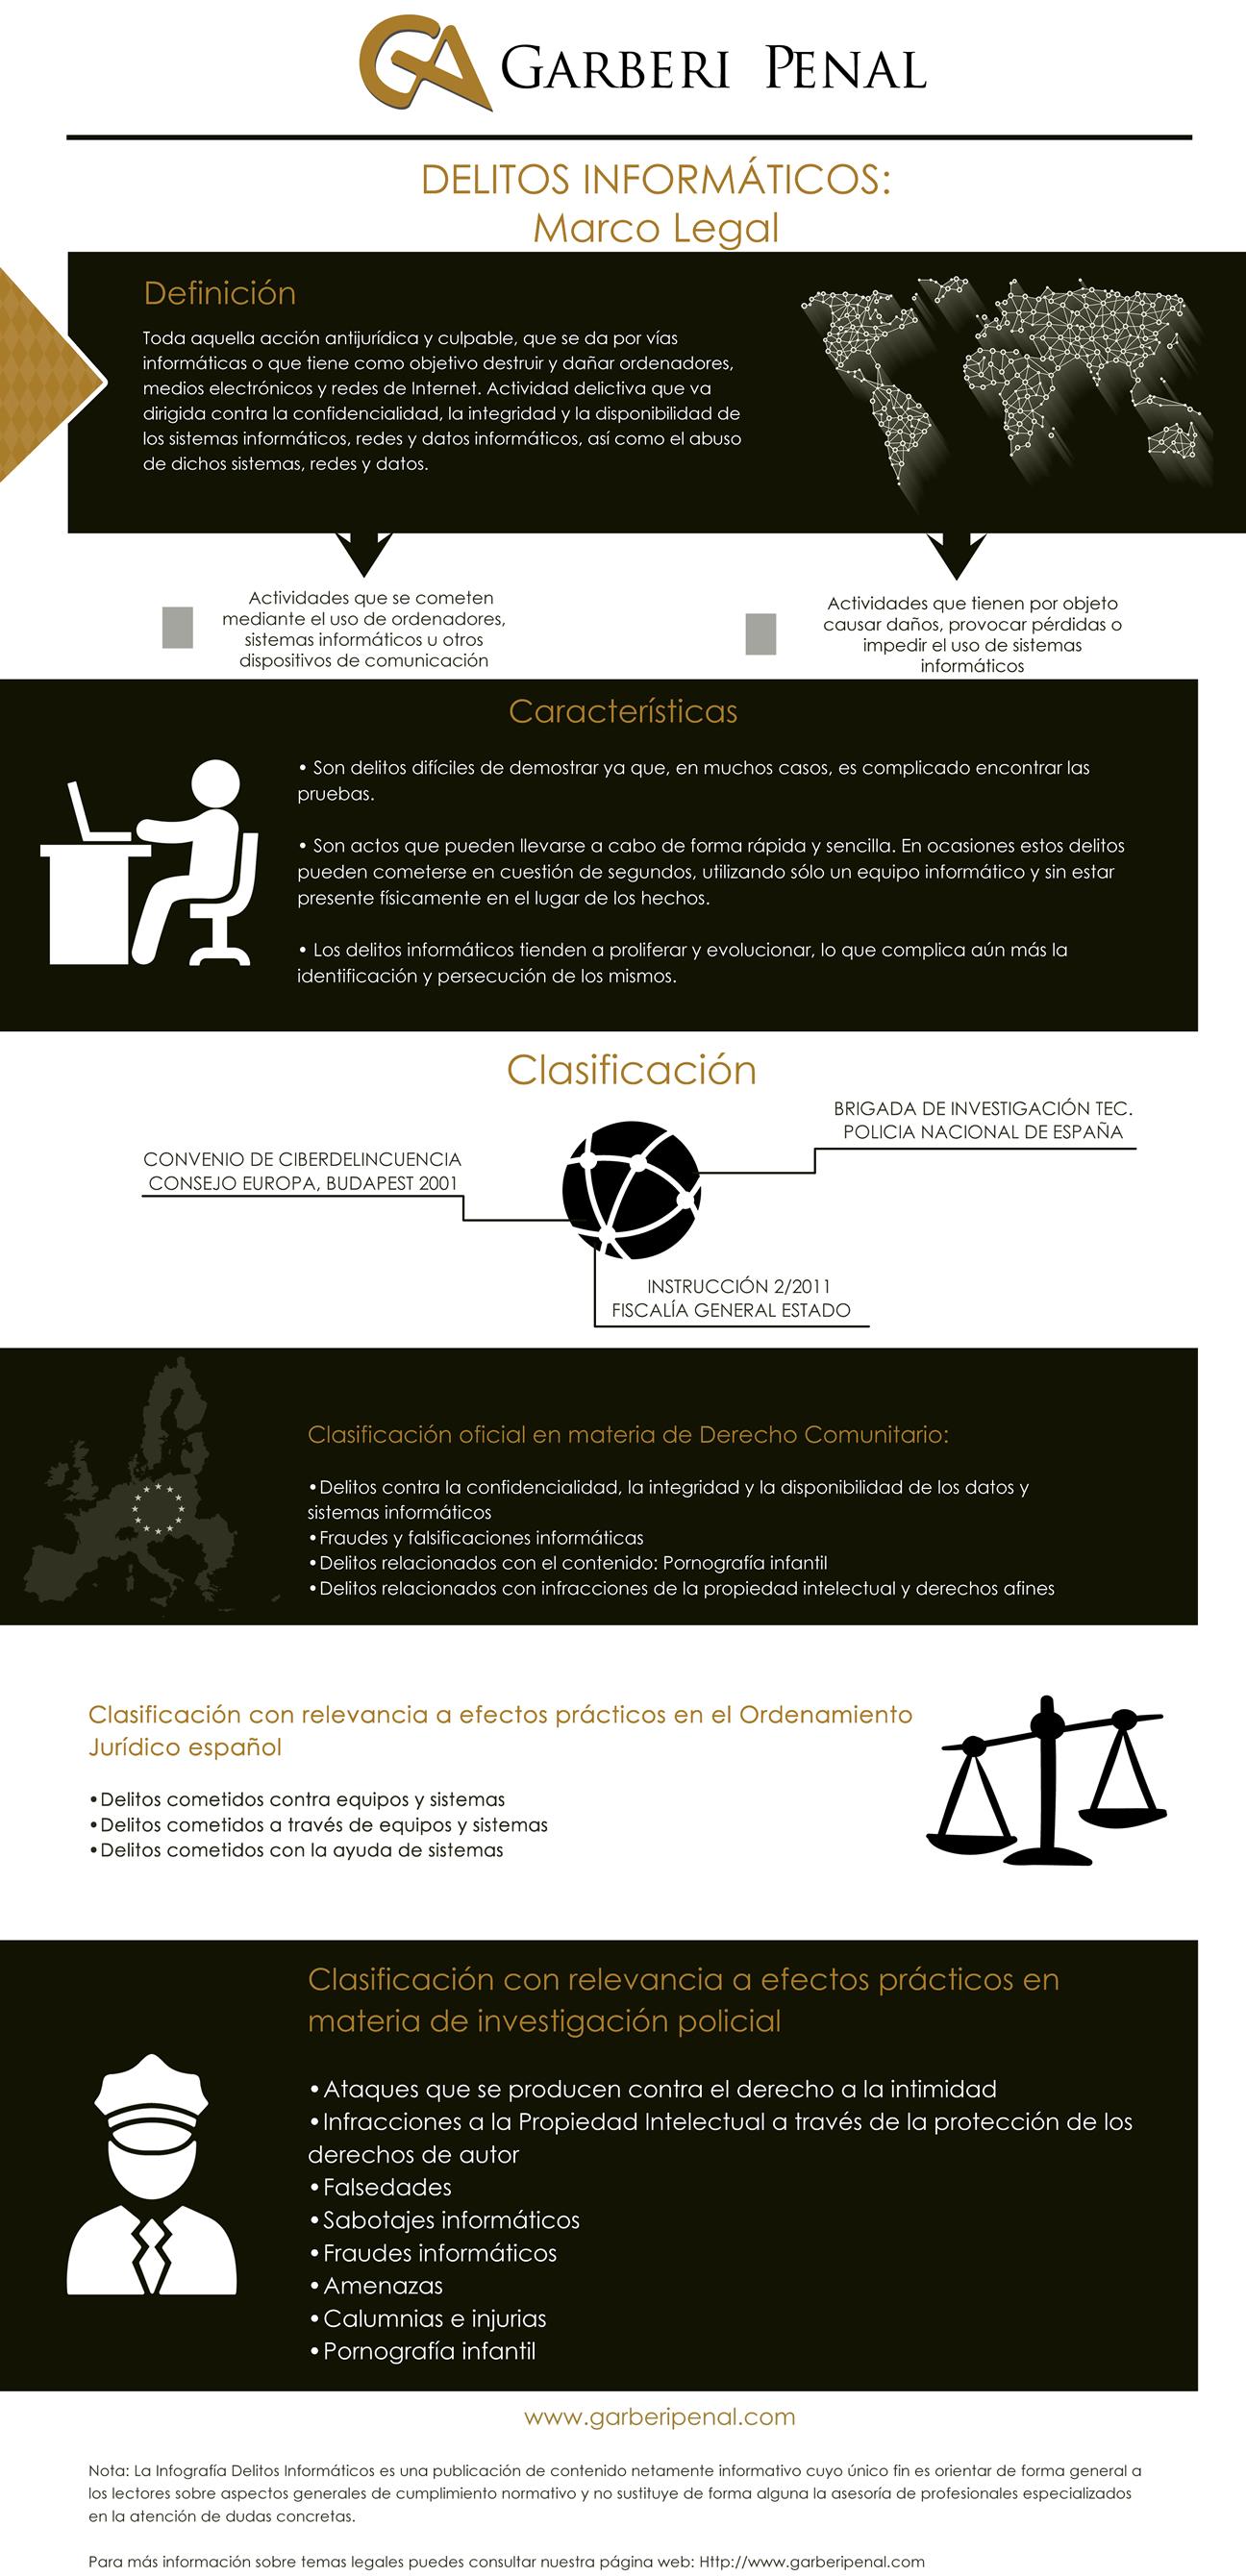 marco legal delitos informáticos